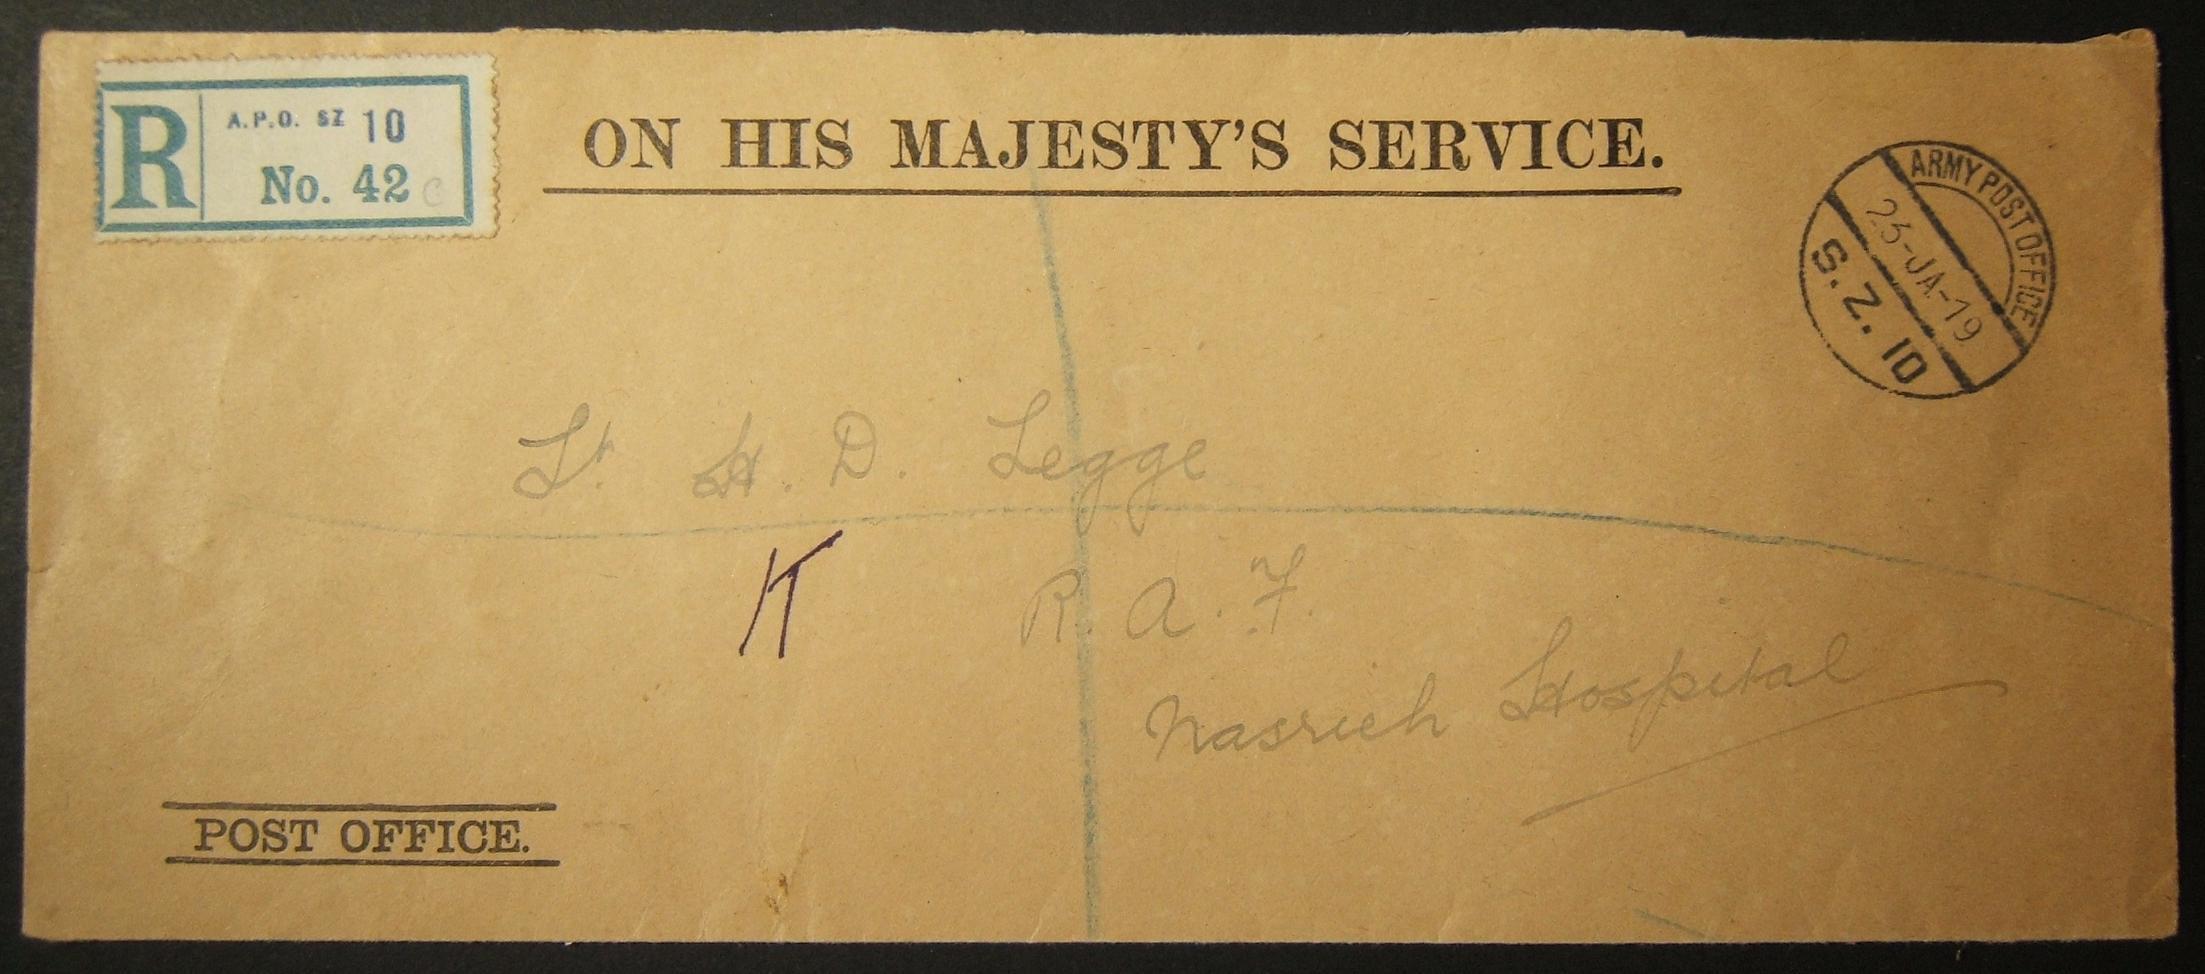 1/1919 WWI Egypt بريد بريطاني غير مقسم من SZ 10 مع ختم بريد إلكتروني نادر